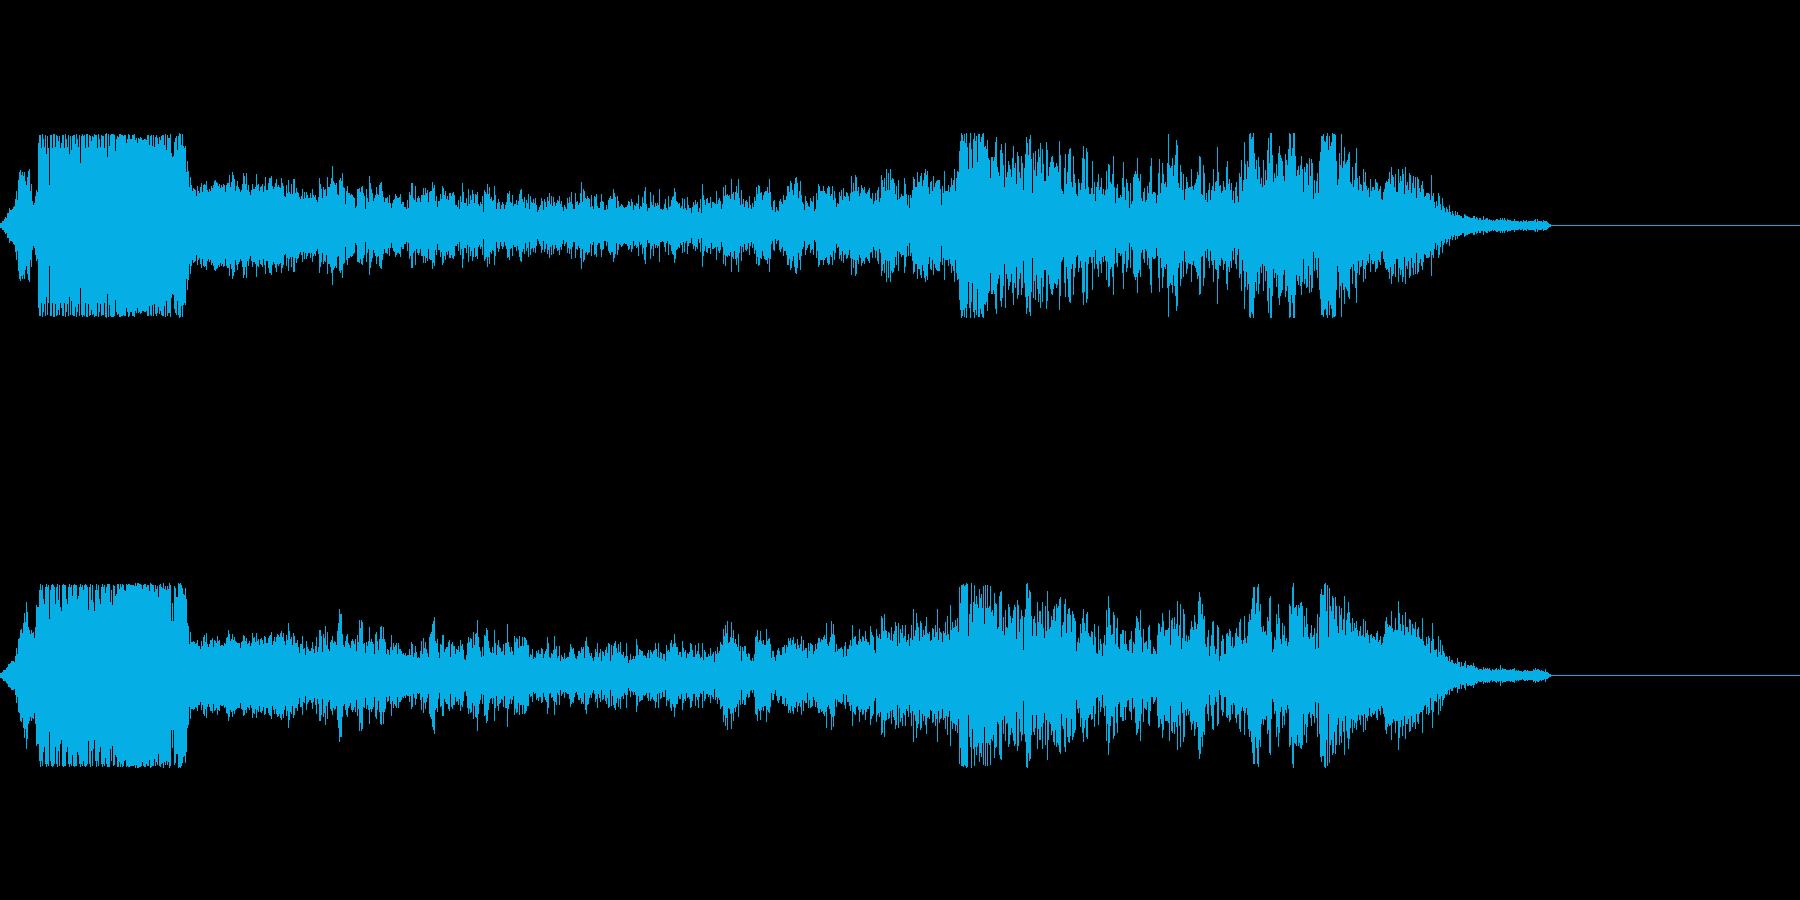 海外FMラジオジングルぽい音の再生済みの波形